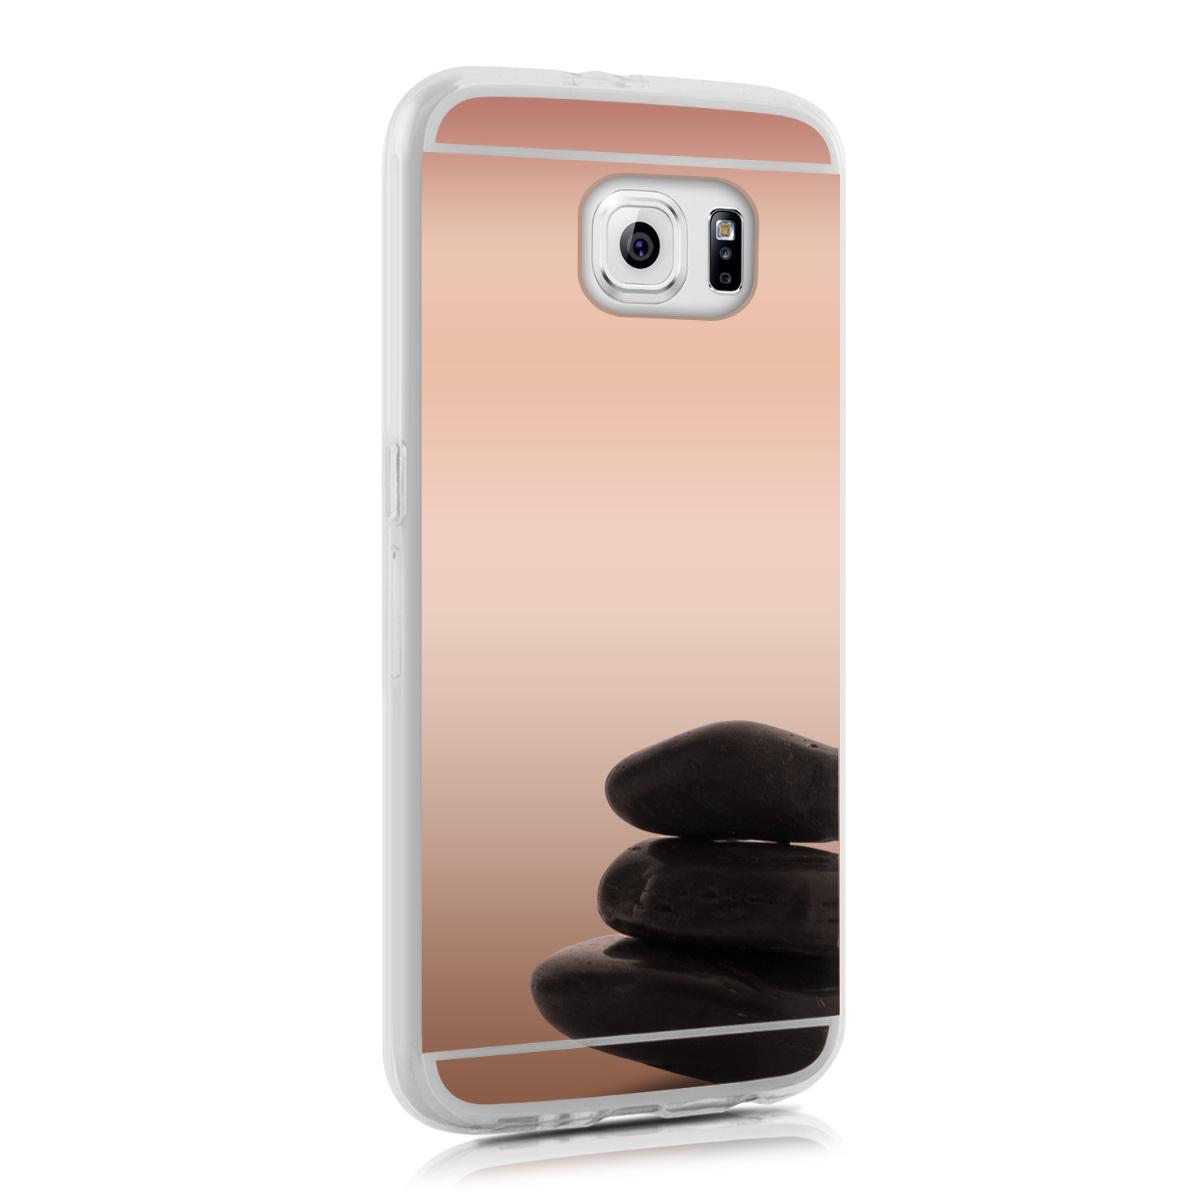 Kvalitní silikonové TPU pouzdro pro Samsung S6 | S6 Duos - starorůžové rosegold Reflective